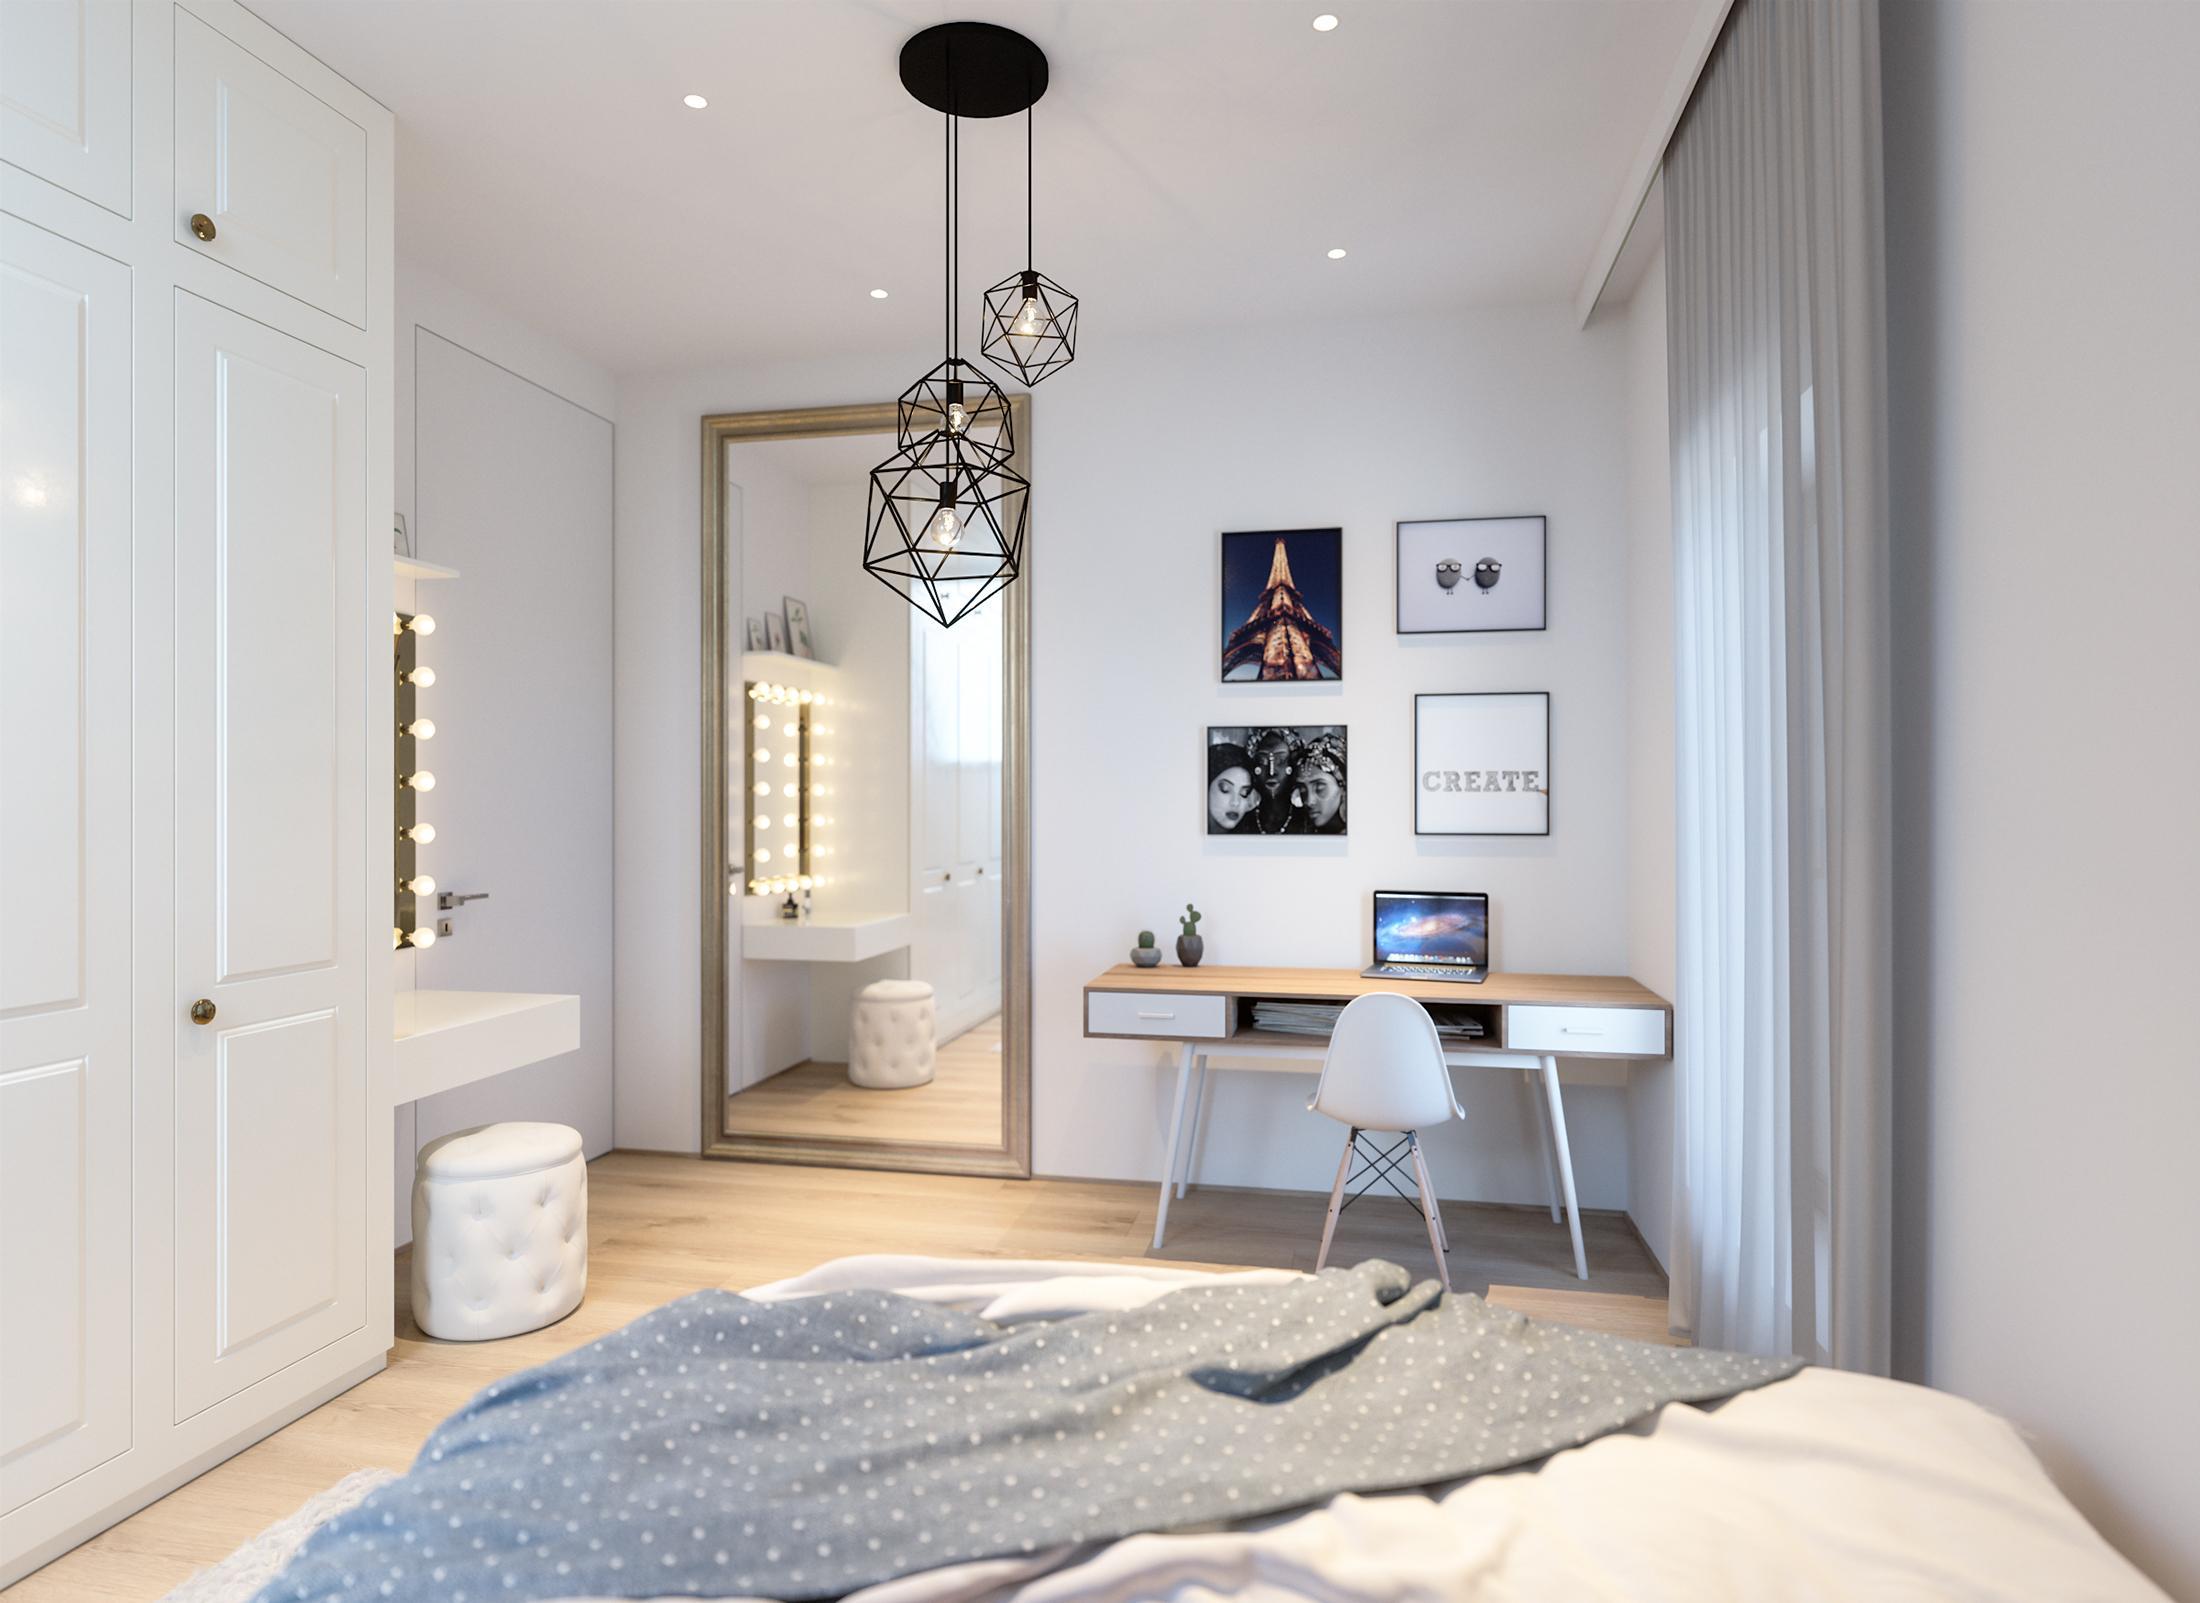 J house_bedroom_3_render